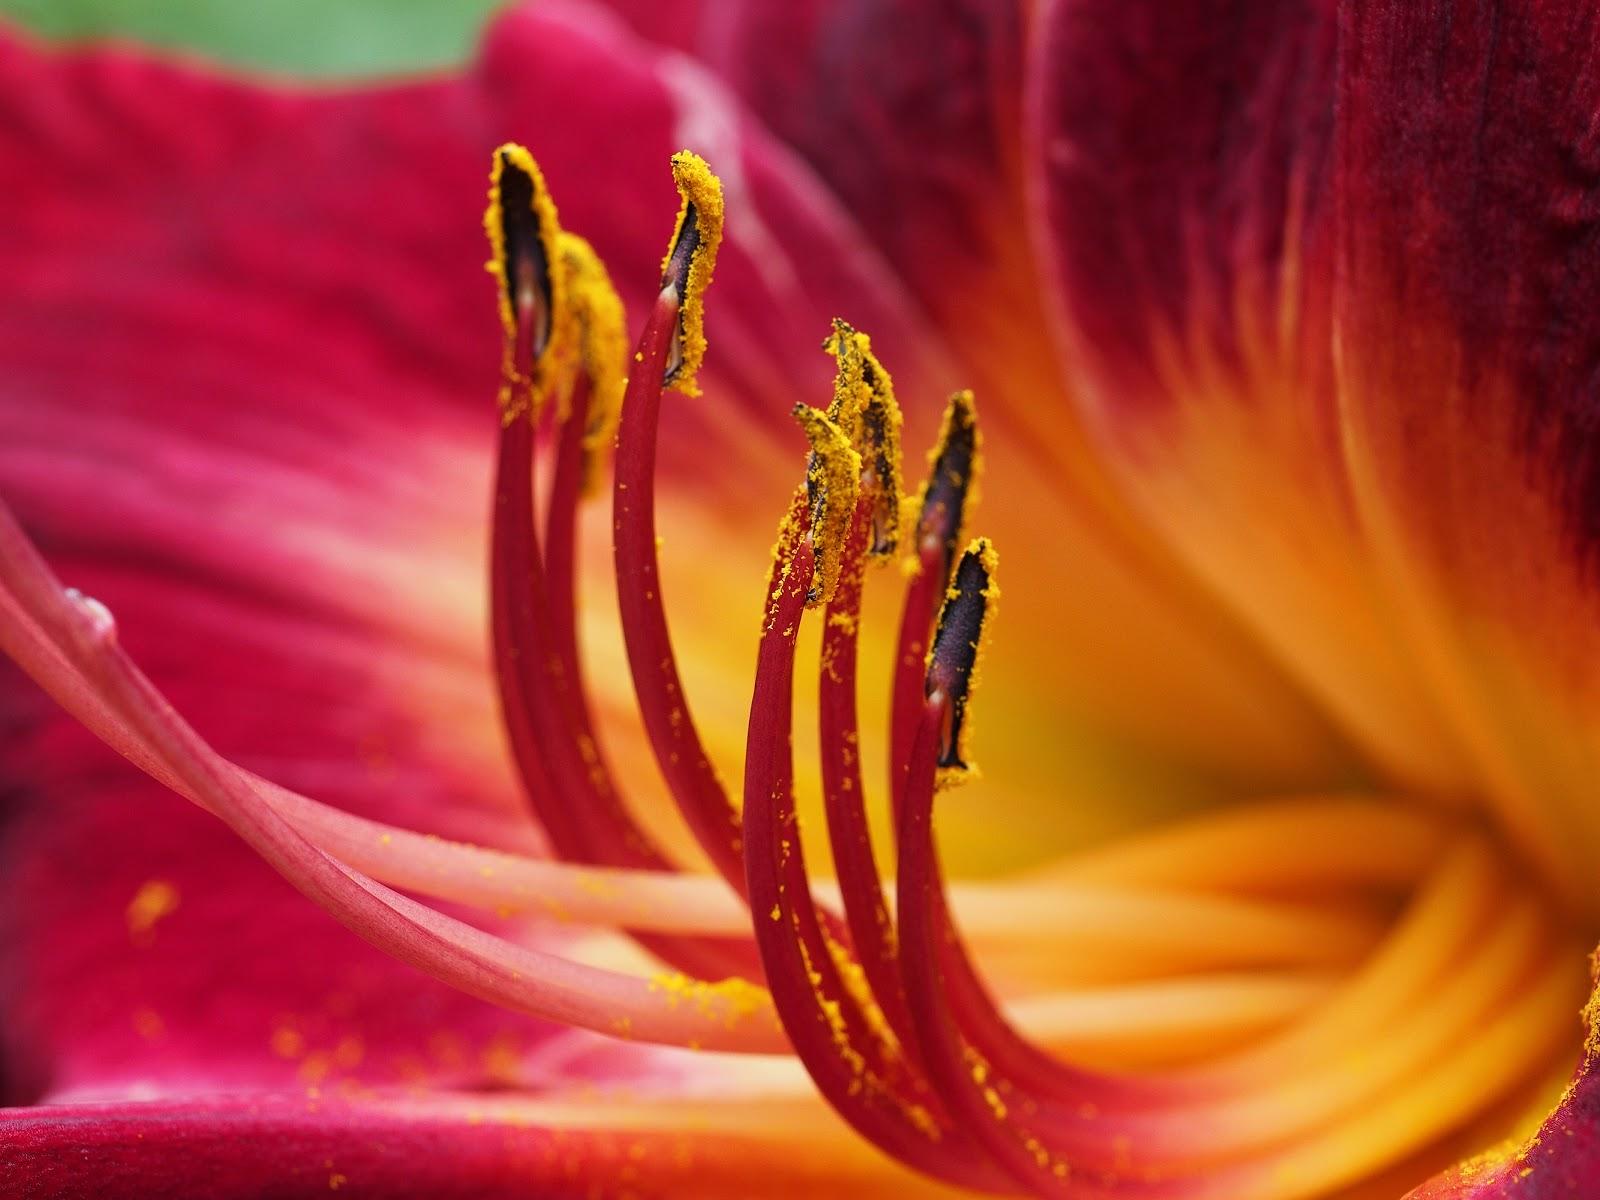 Pollen #centralpark #flowerpower #nyc 2014